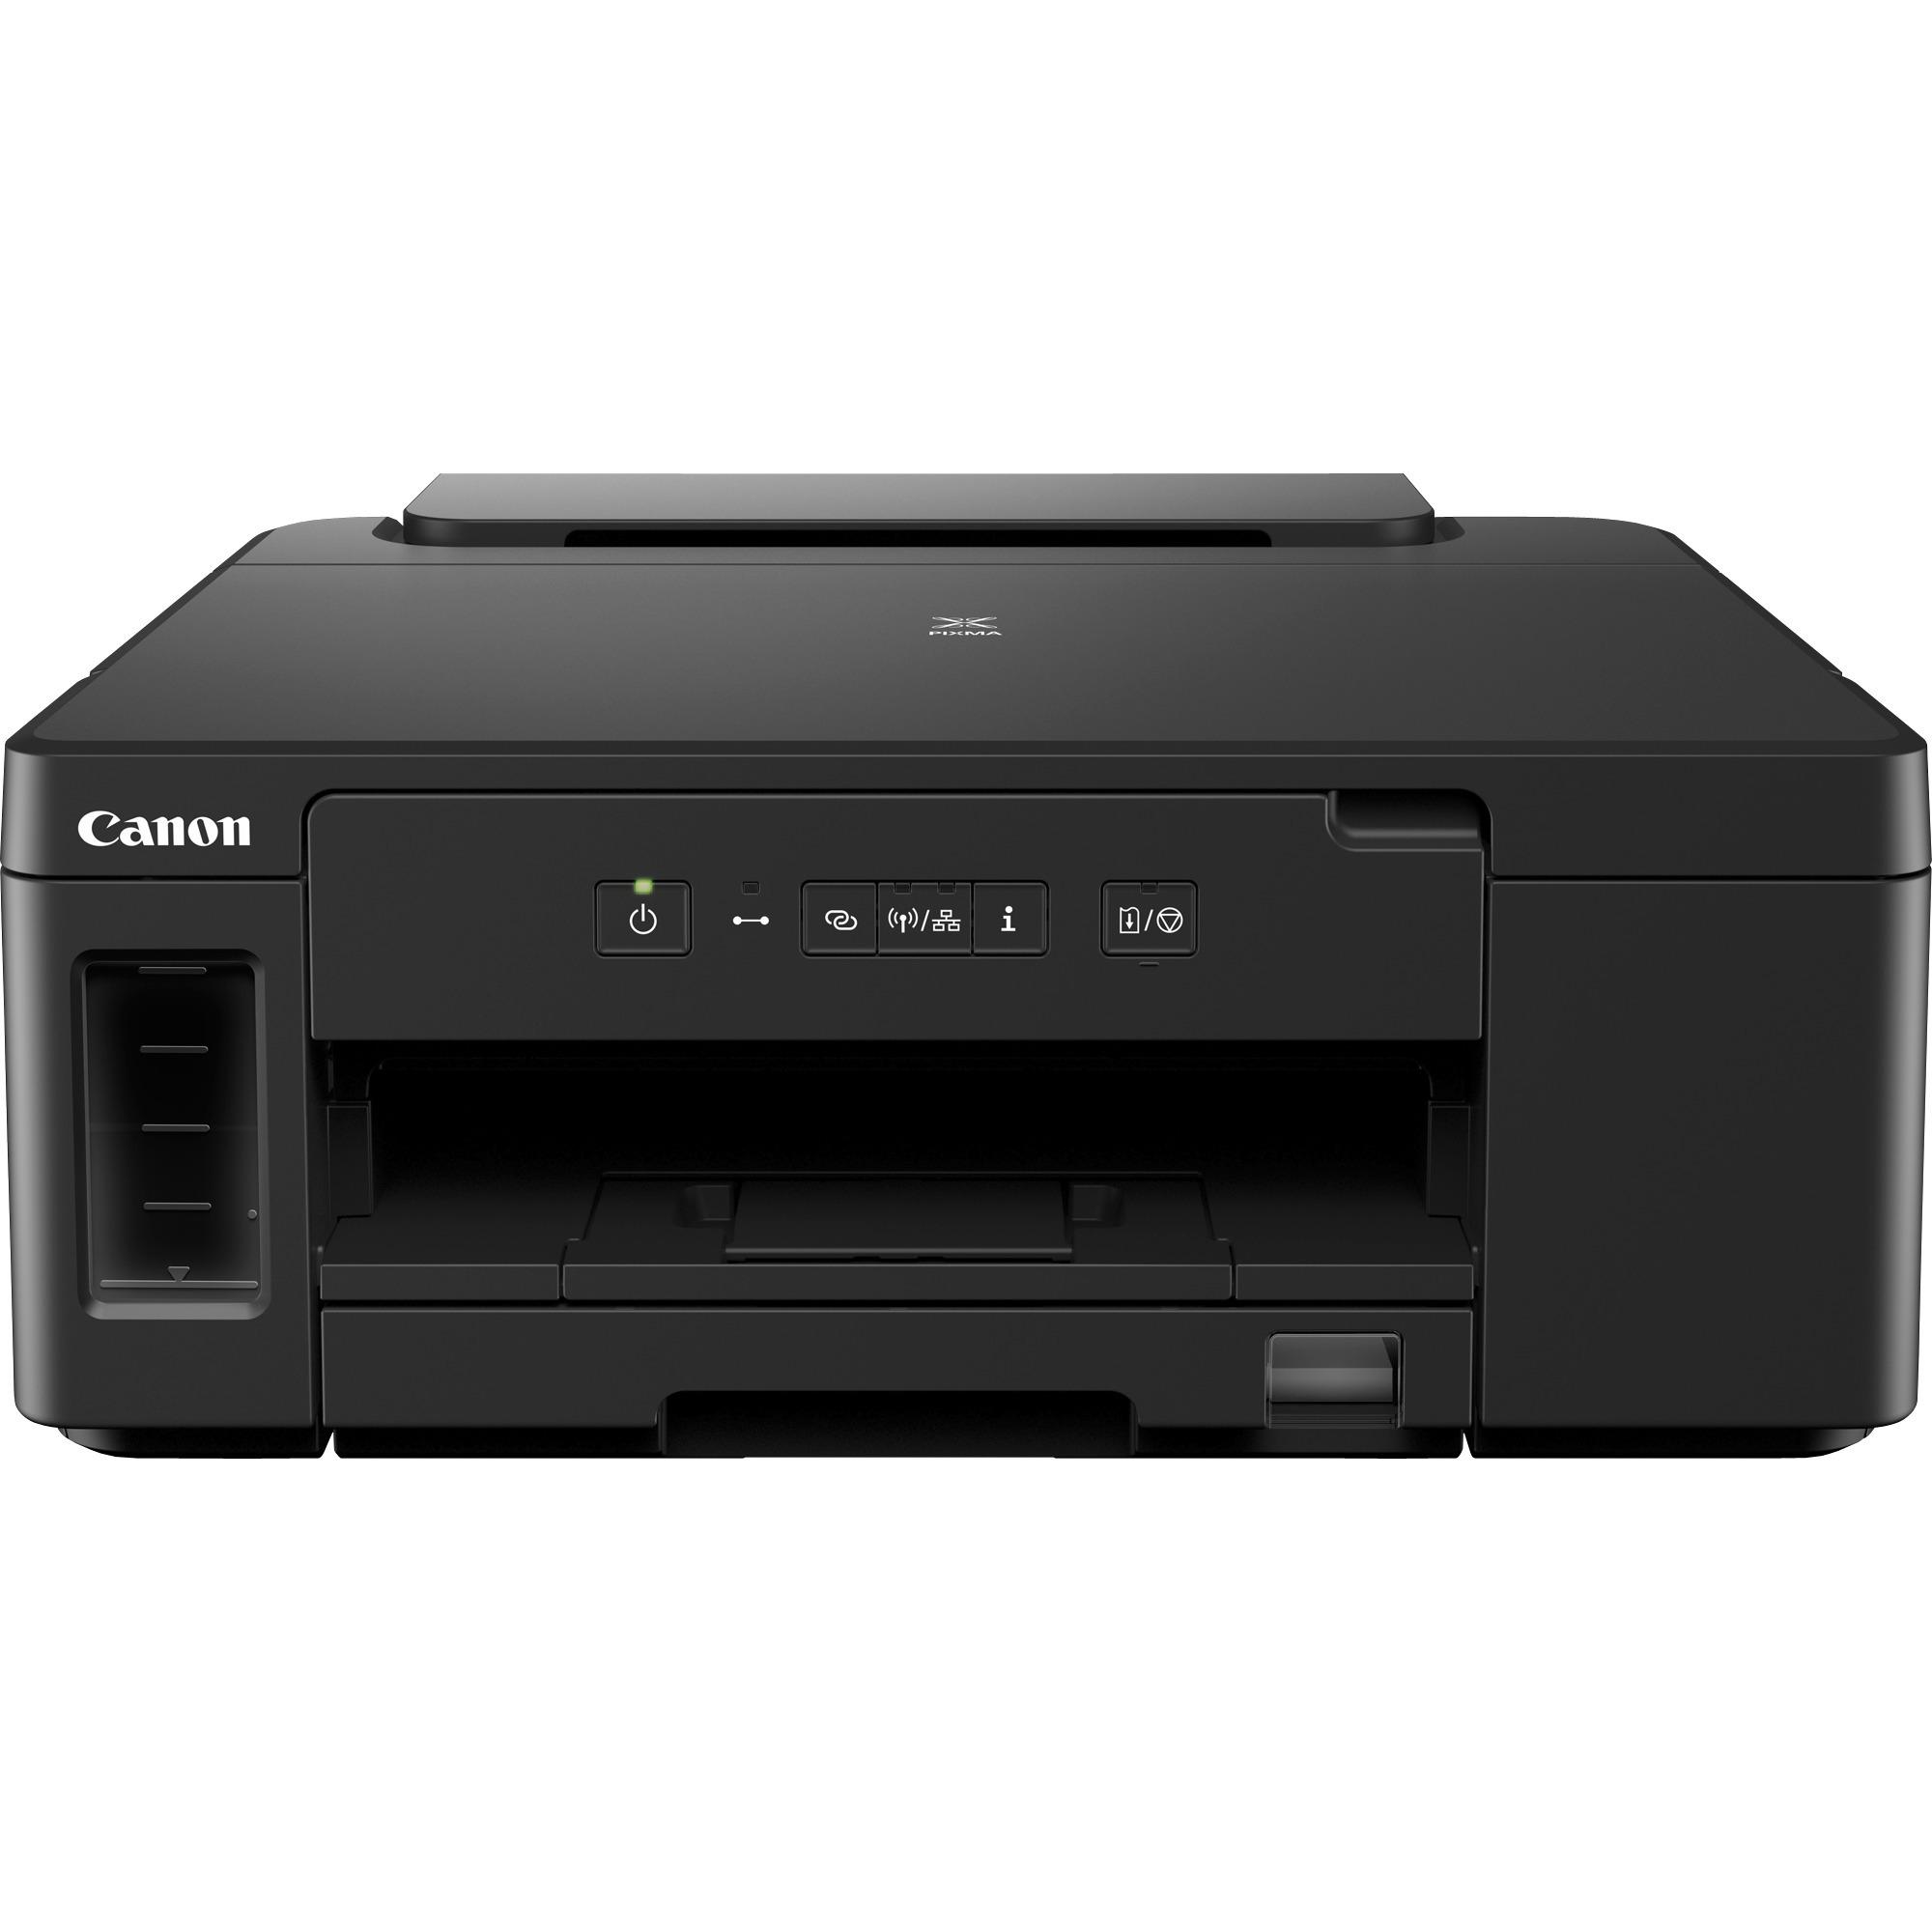 3110C006AA, Impresora de chorro de tinta